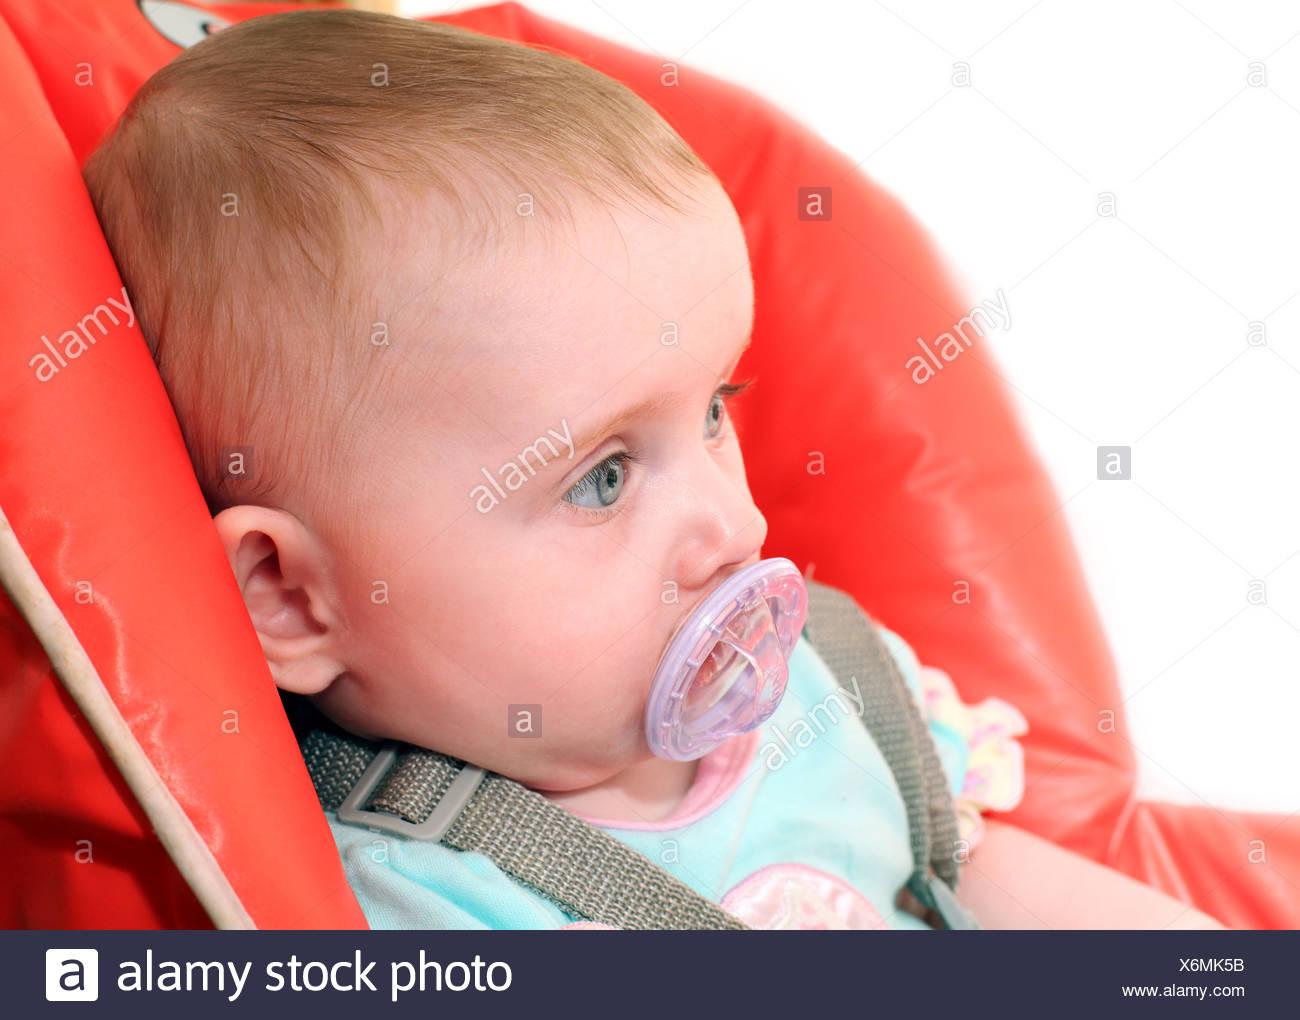 Sad Baby Face Stock Photos & Sad Baby Face Stock Images ...